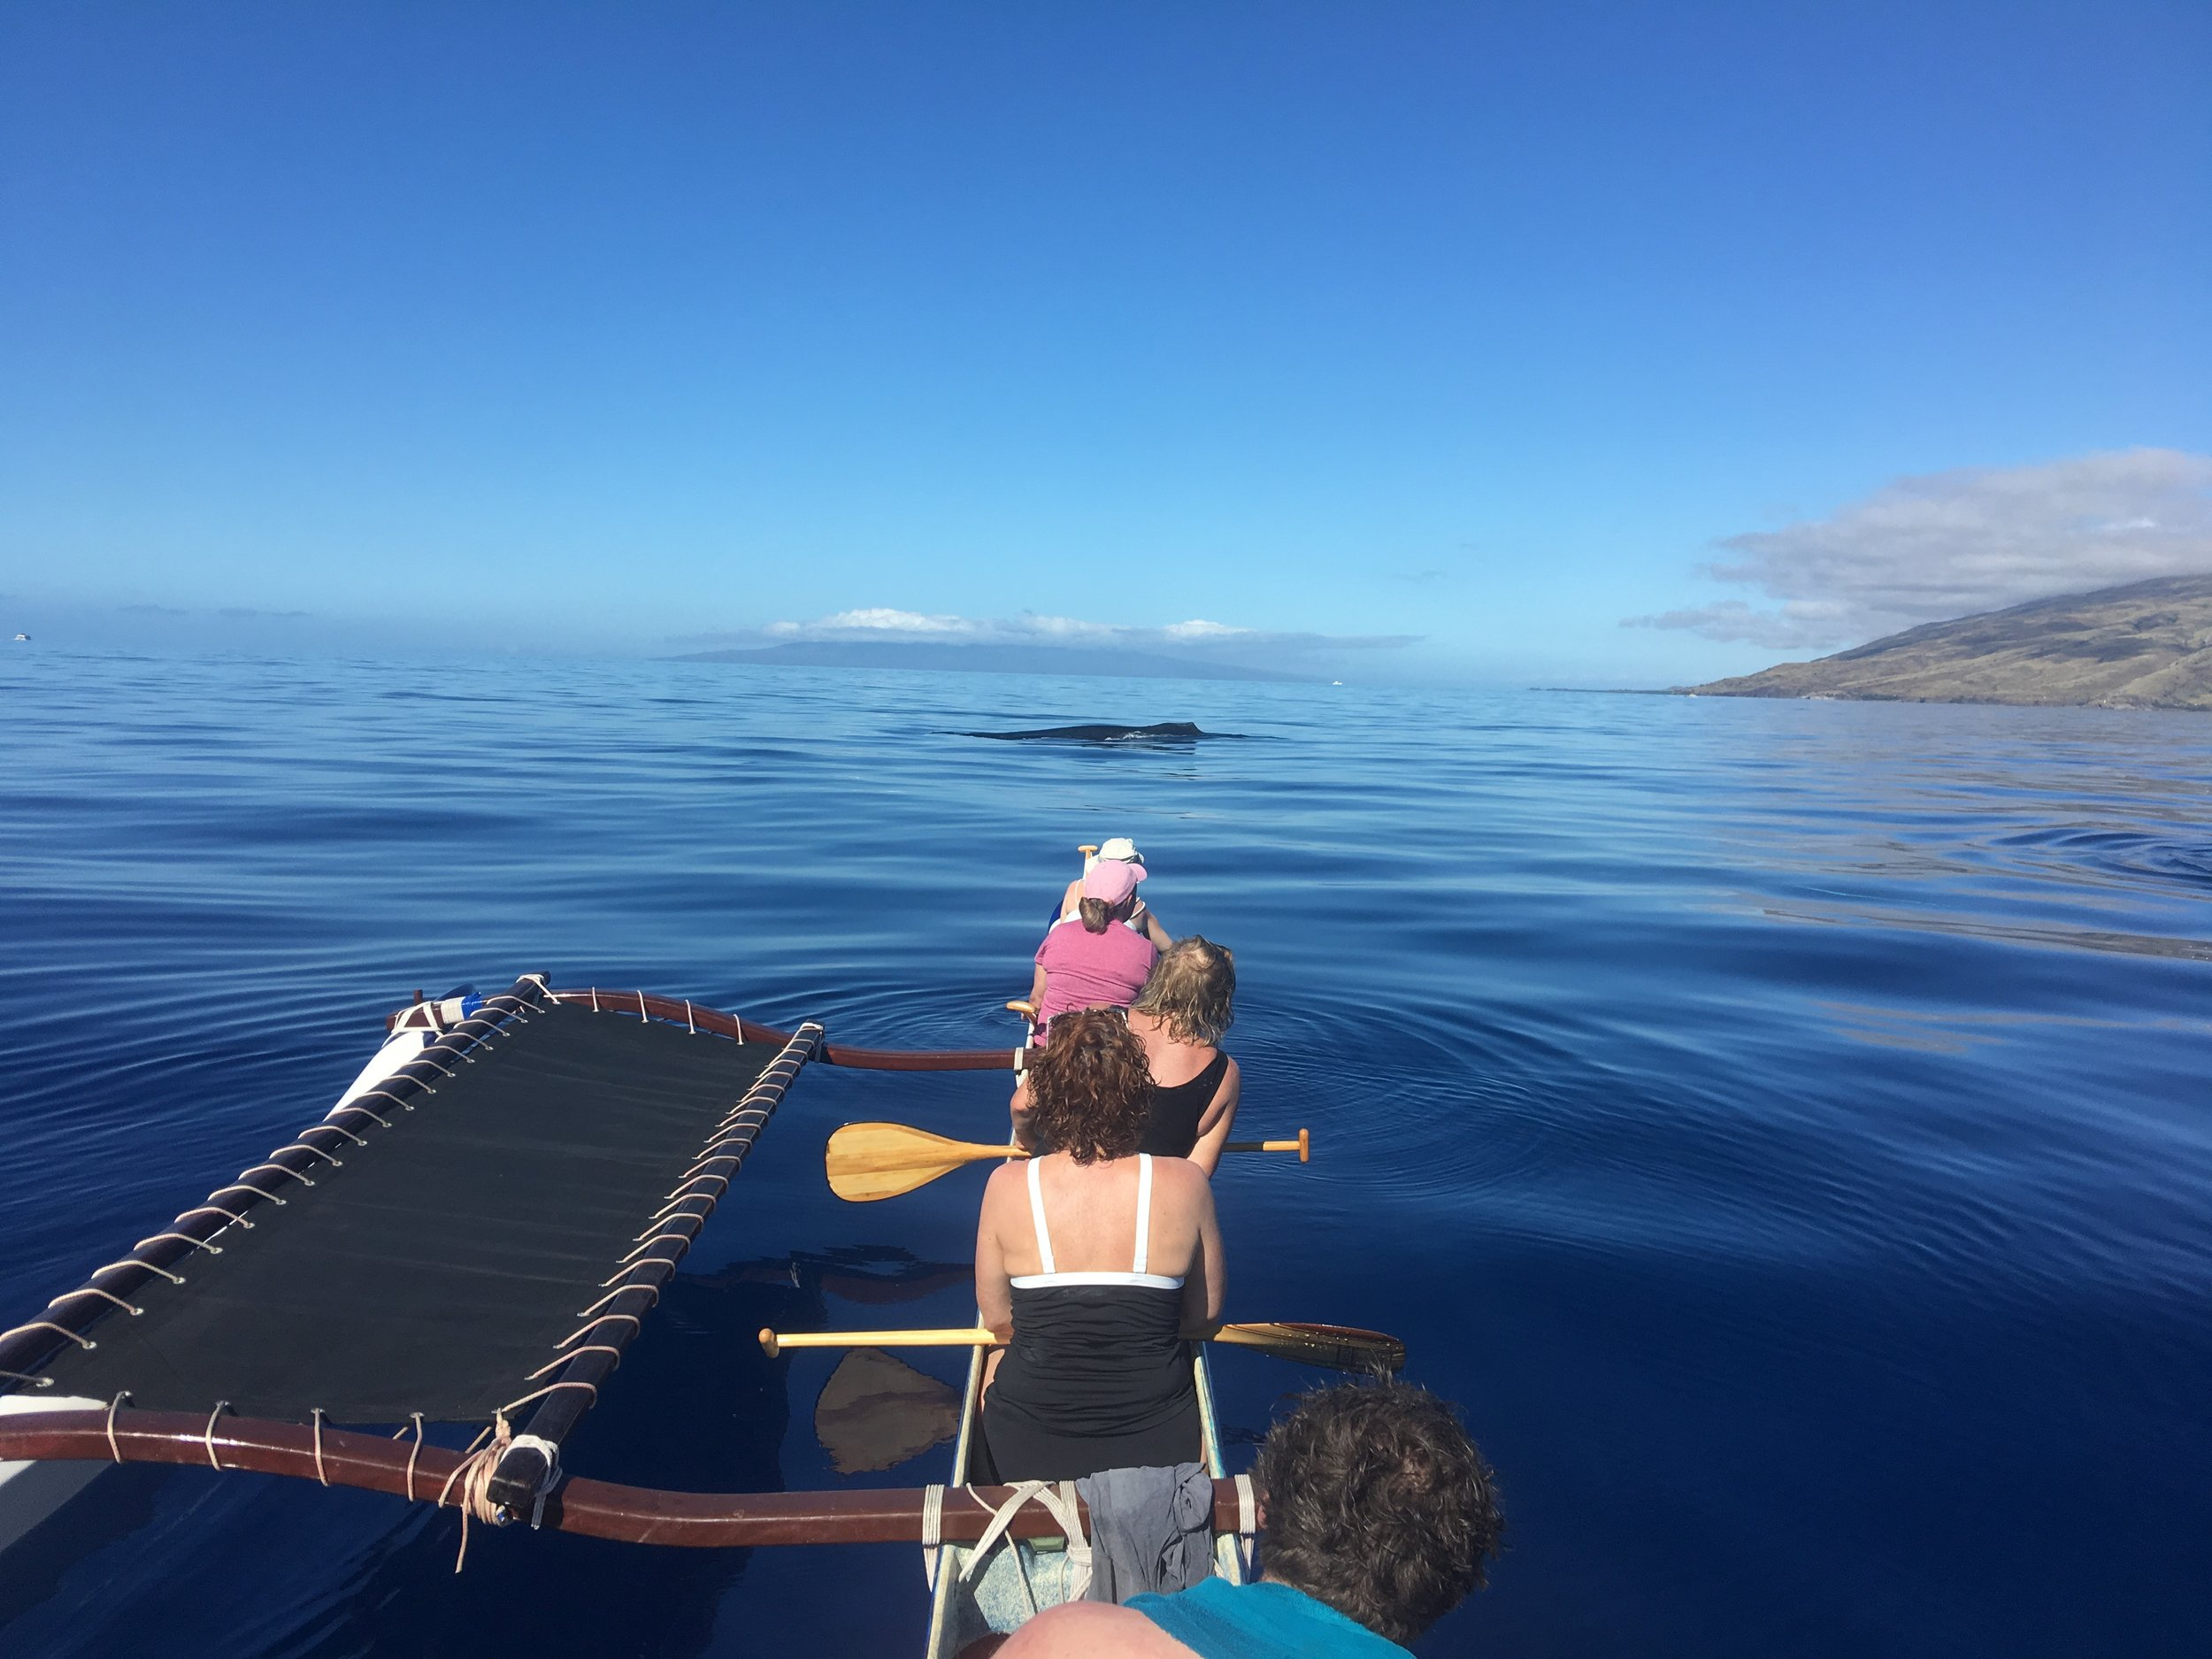 Blue_Soul_Maui_Outrigger_Canoe_Whale_Watch_5.jpg